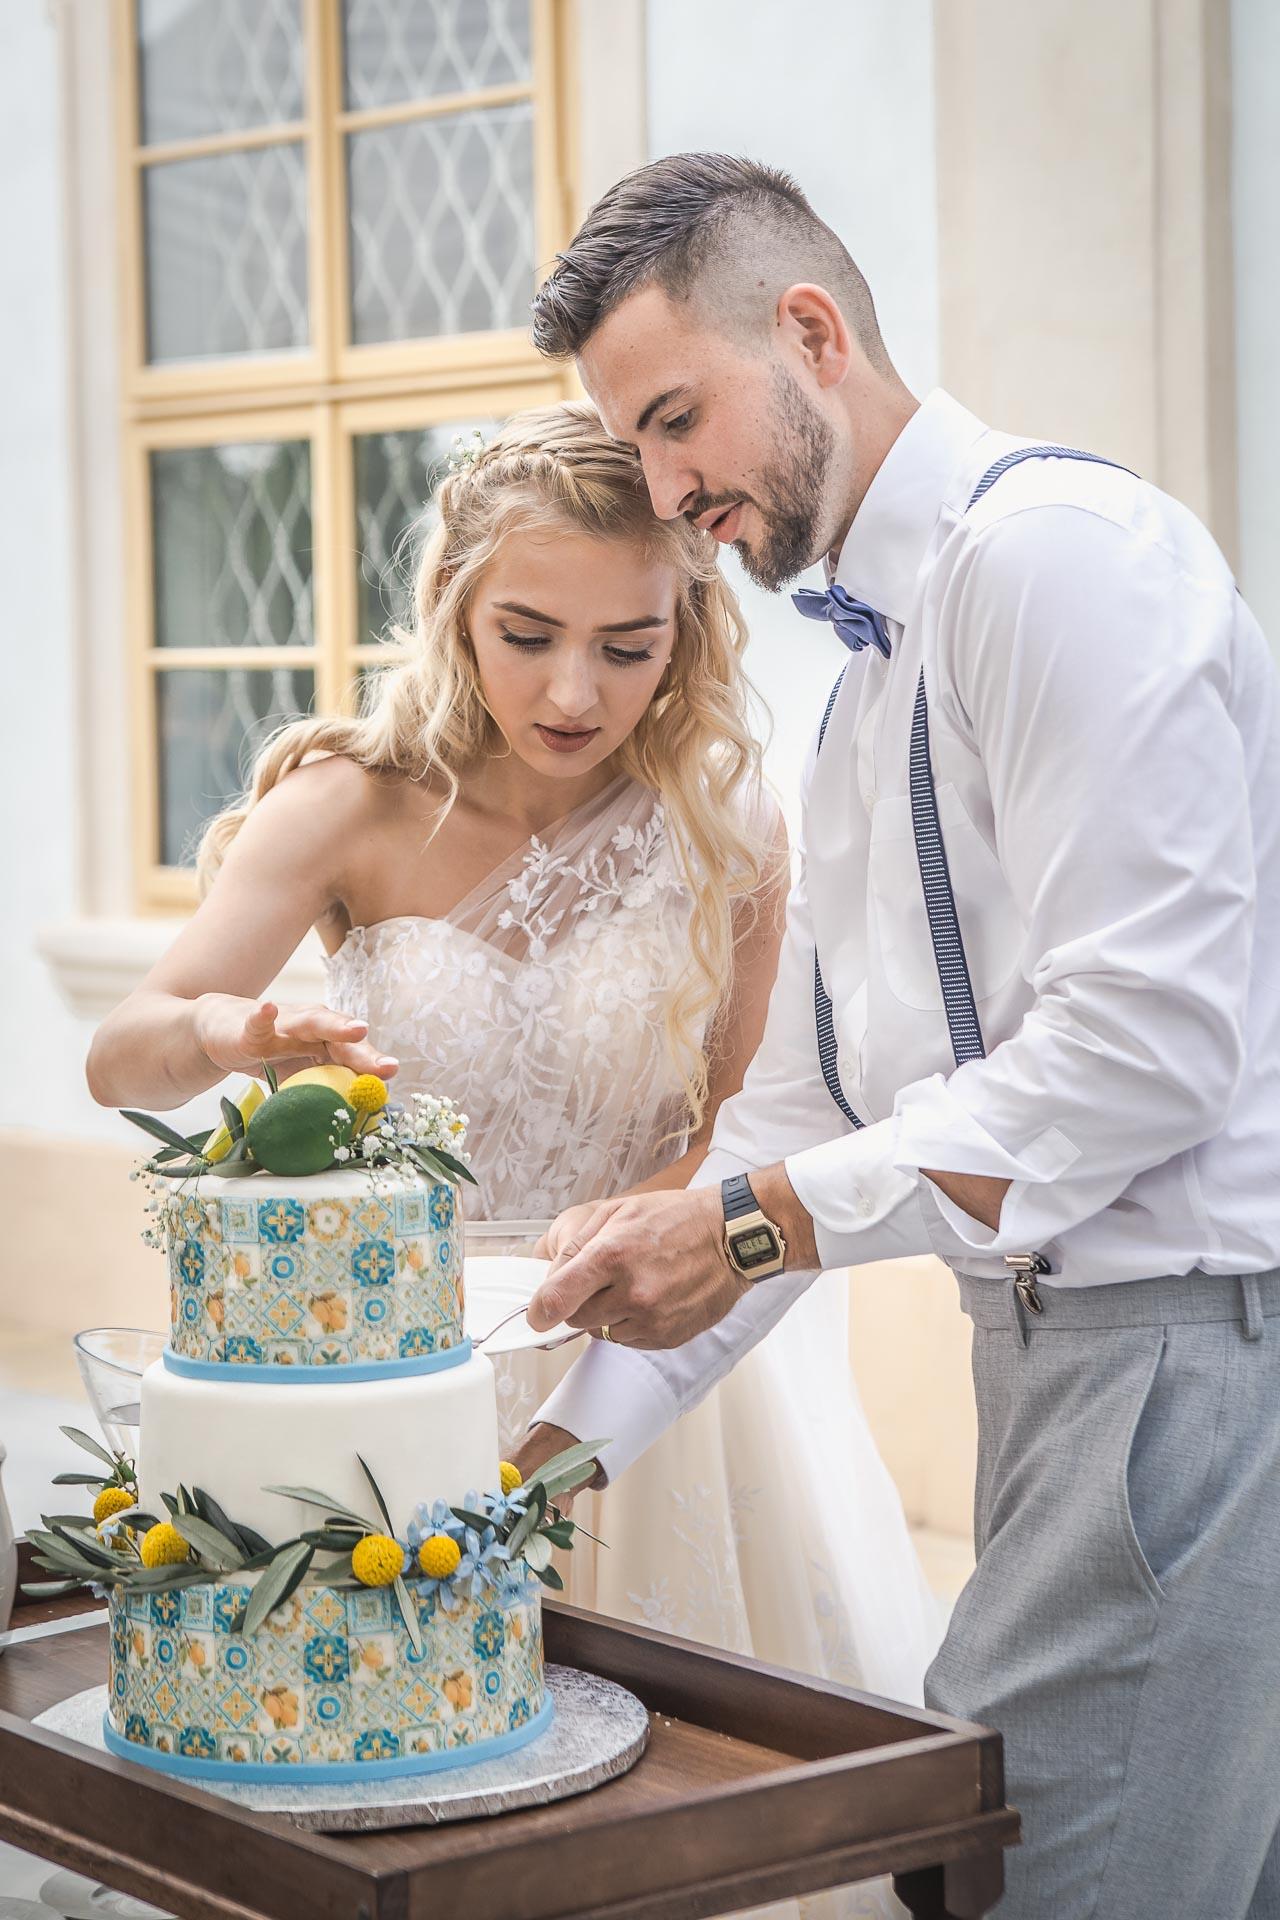 svatební-fotograf-zámek-Loučeň-svatební-video-zámek-Loučeň-4422